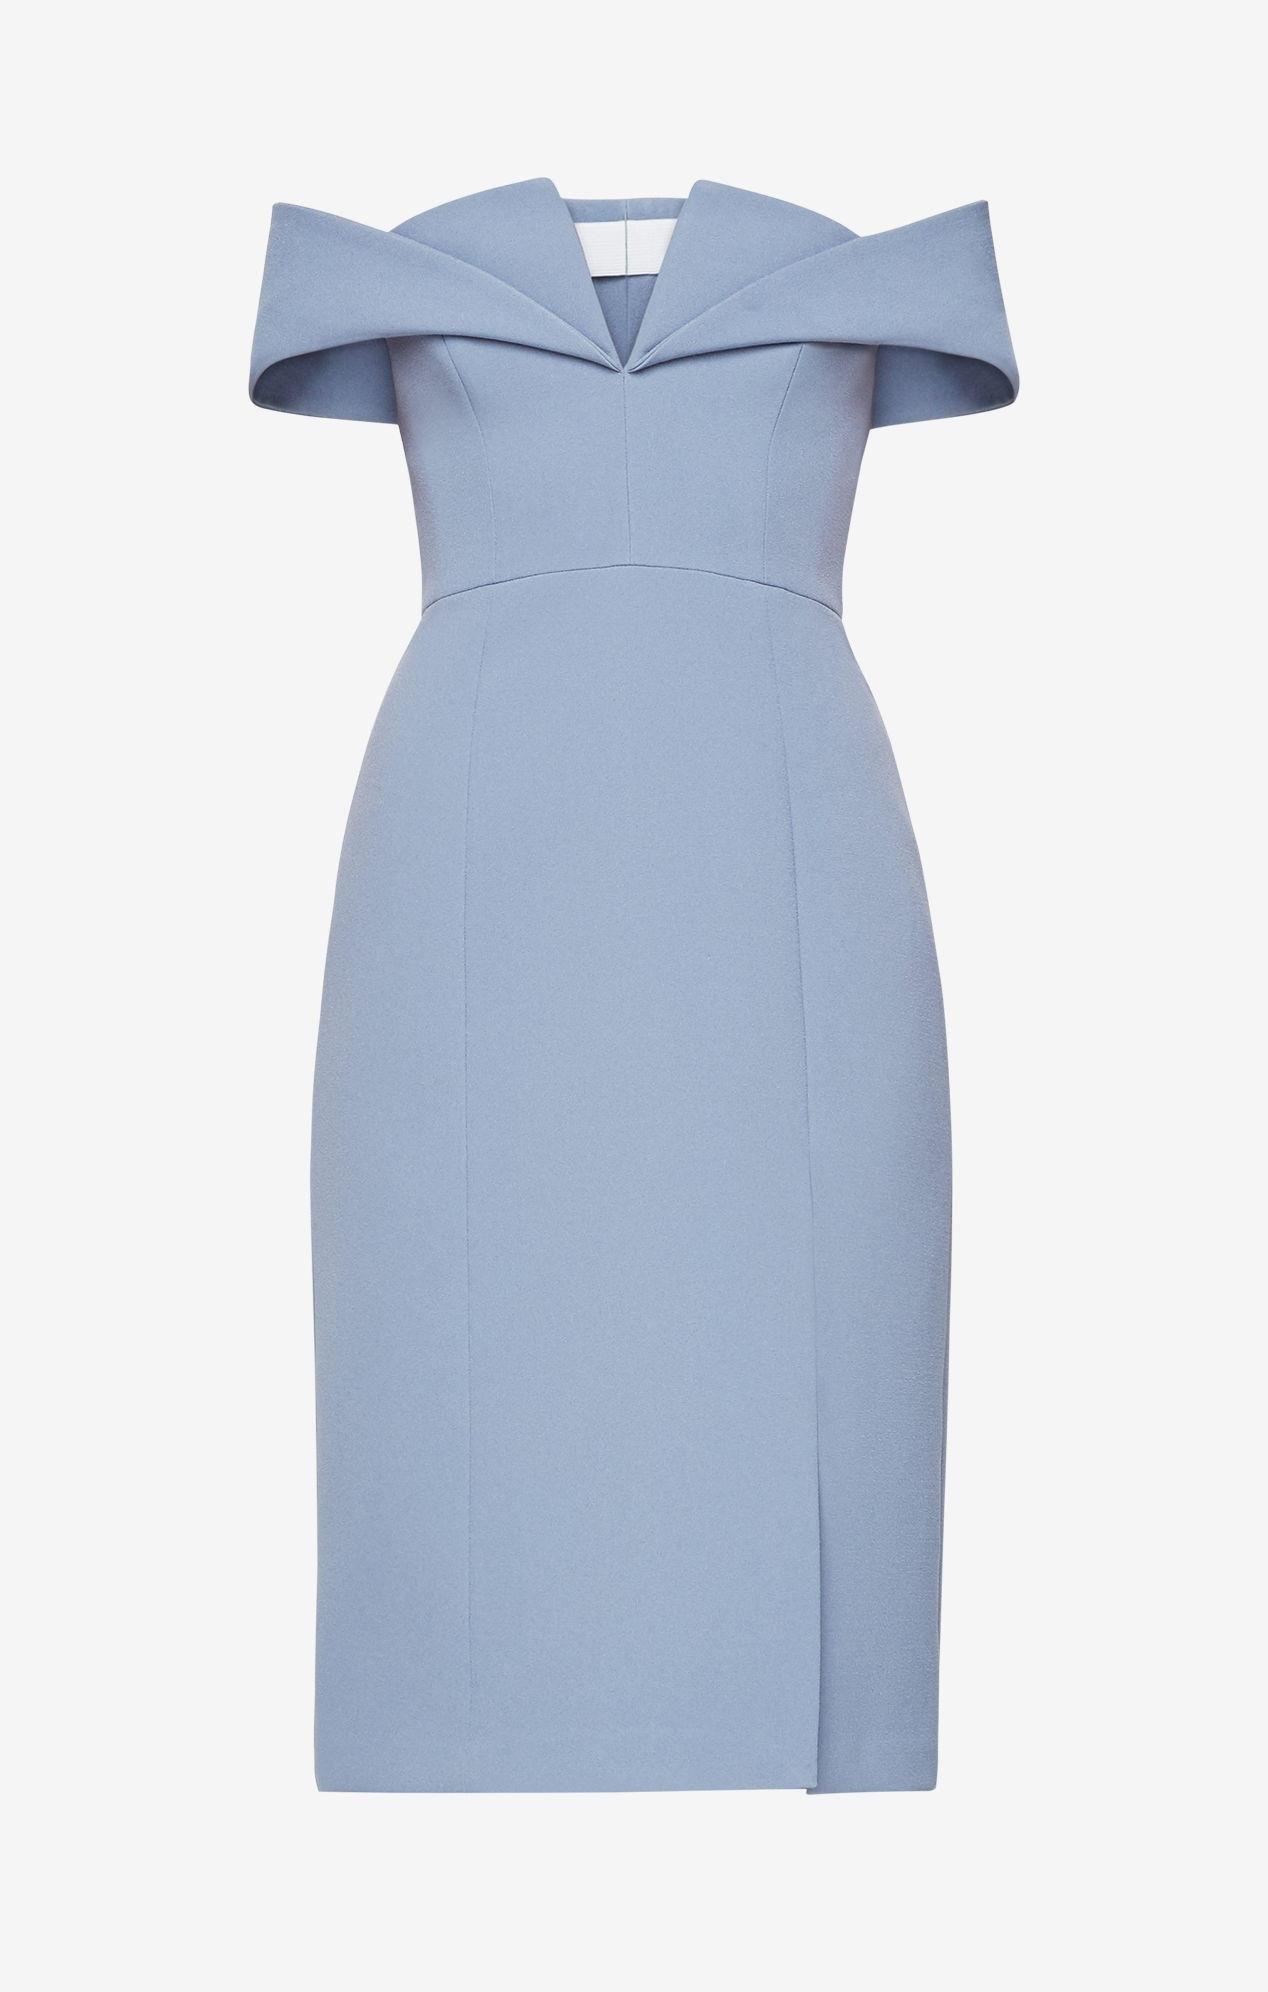 13 Luxurius Schöne Kleider Hochzeit Design17 Genial Schöne Kleider Hochzeit für 2019